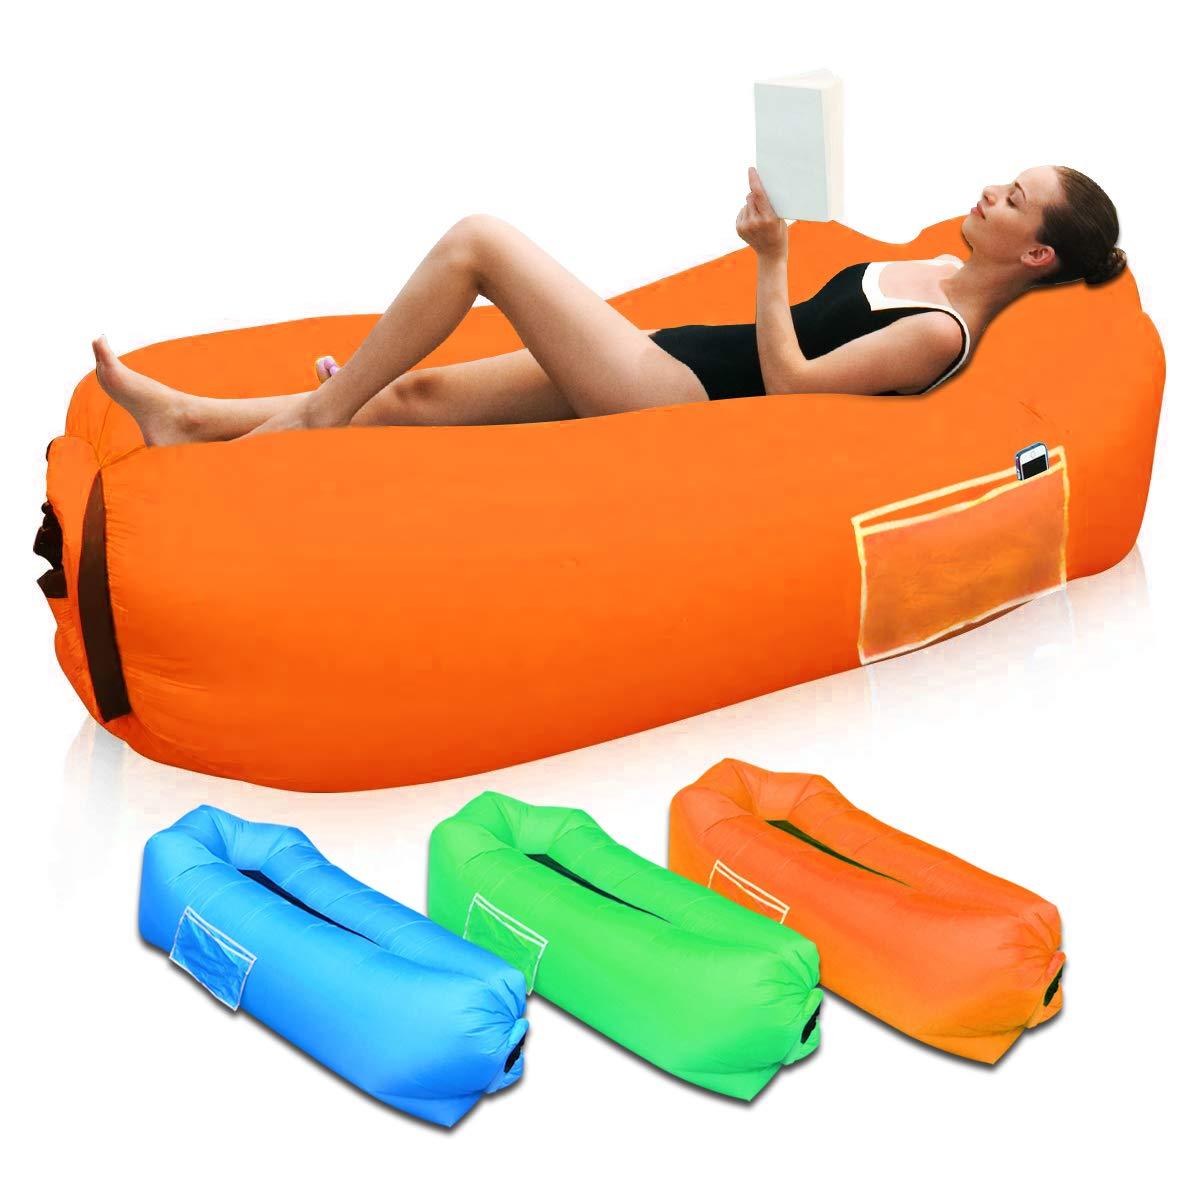 SUPTEMPO Sofá Hinchable para Interiores y Exteriores, Portátil Impermeable Sofa Cama Hinchable,Almohada incorporada y Bolsa de Almacenamiento incluida ...